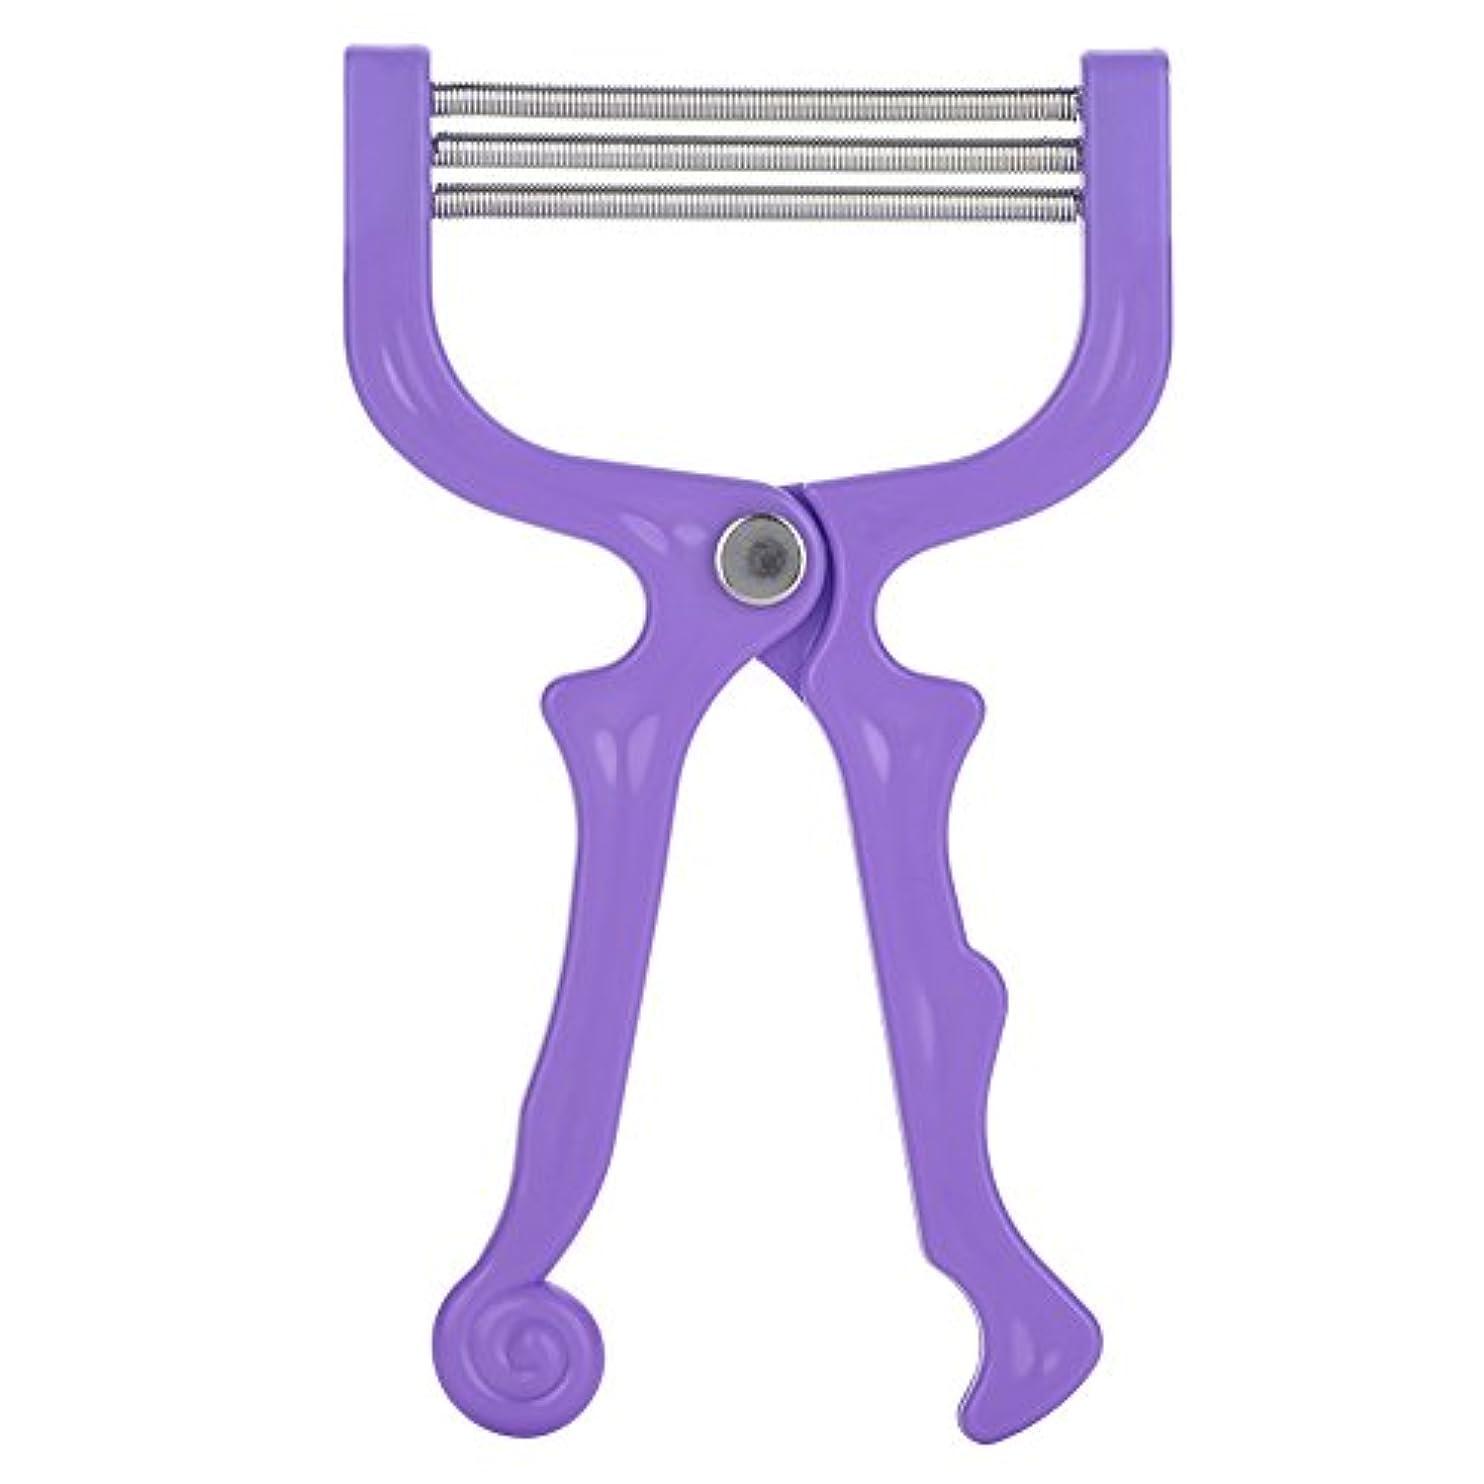 草電球棚SoarUp 除毛 脱毛装置 ポータブル脱毛 痛くない除毛ケア 顔用 口 持ち運び安い(パープル)